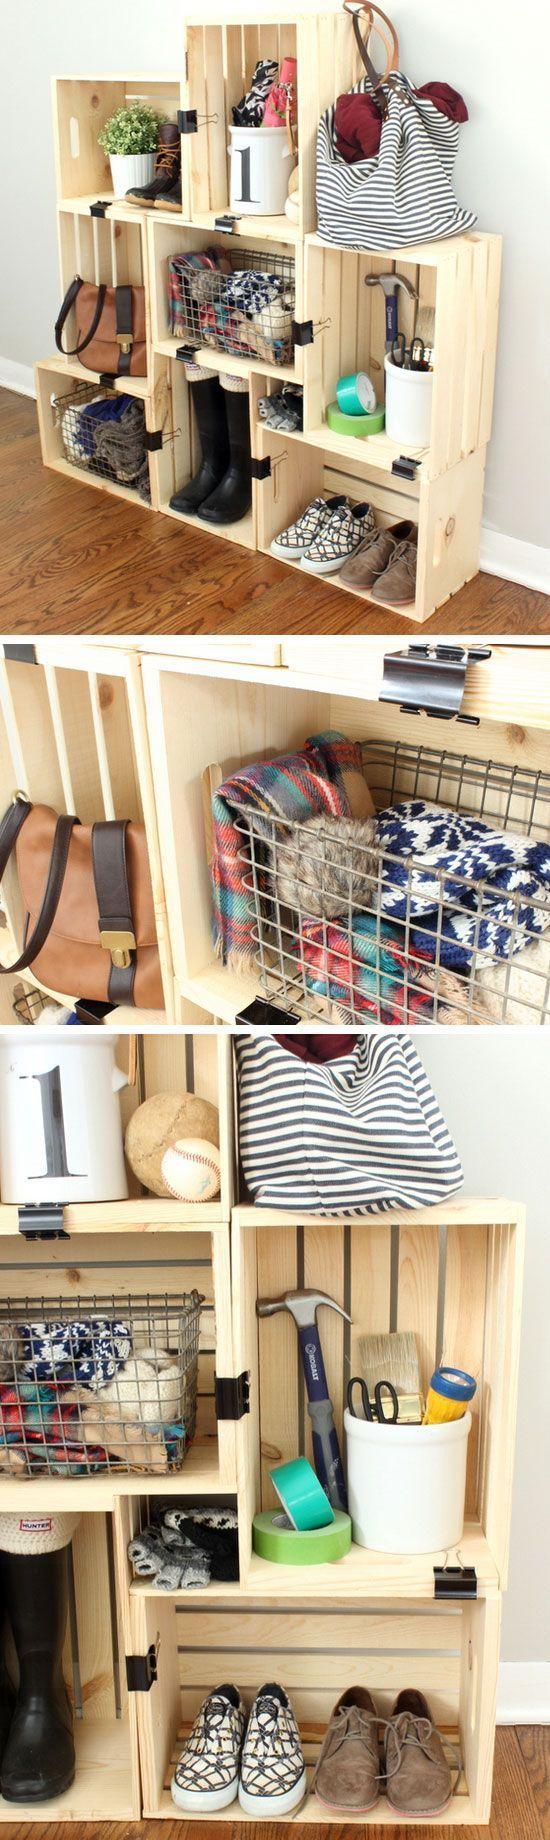 20 Genius Small Apartment Decortaing Ideas u0026